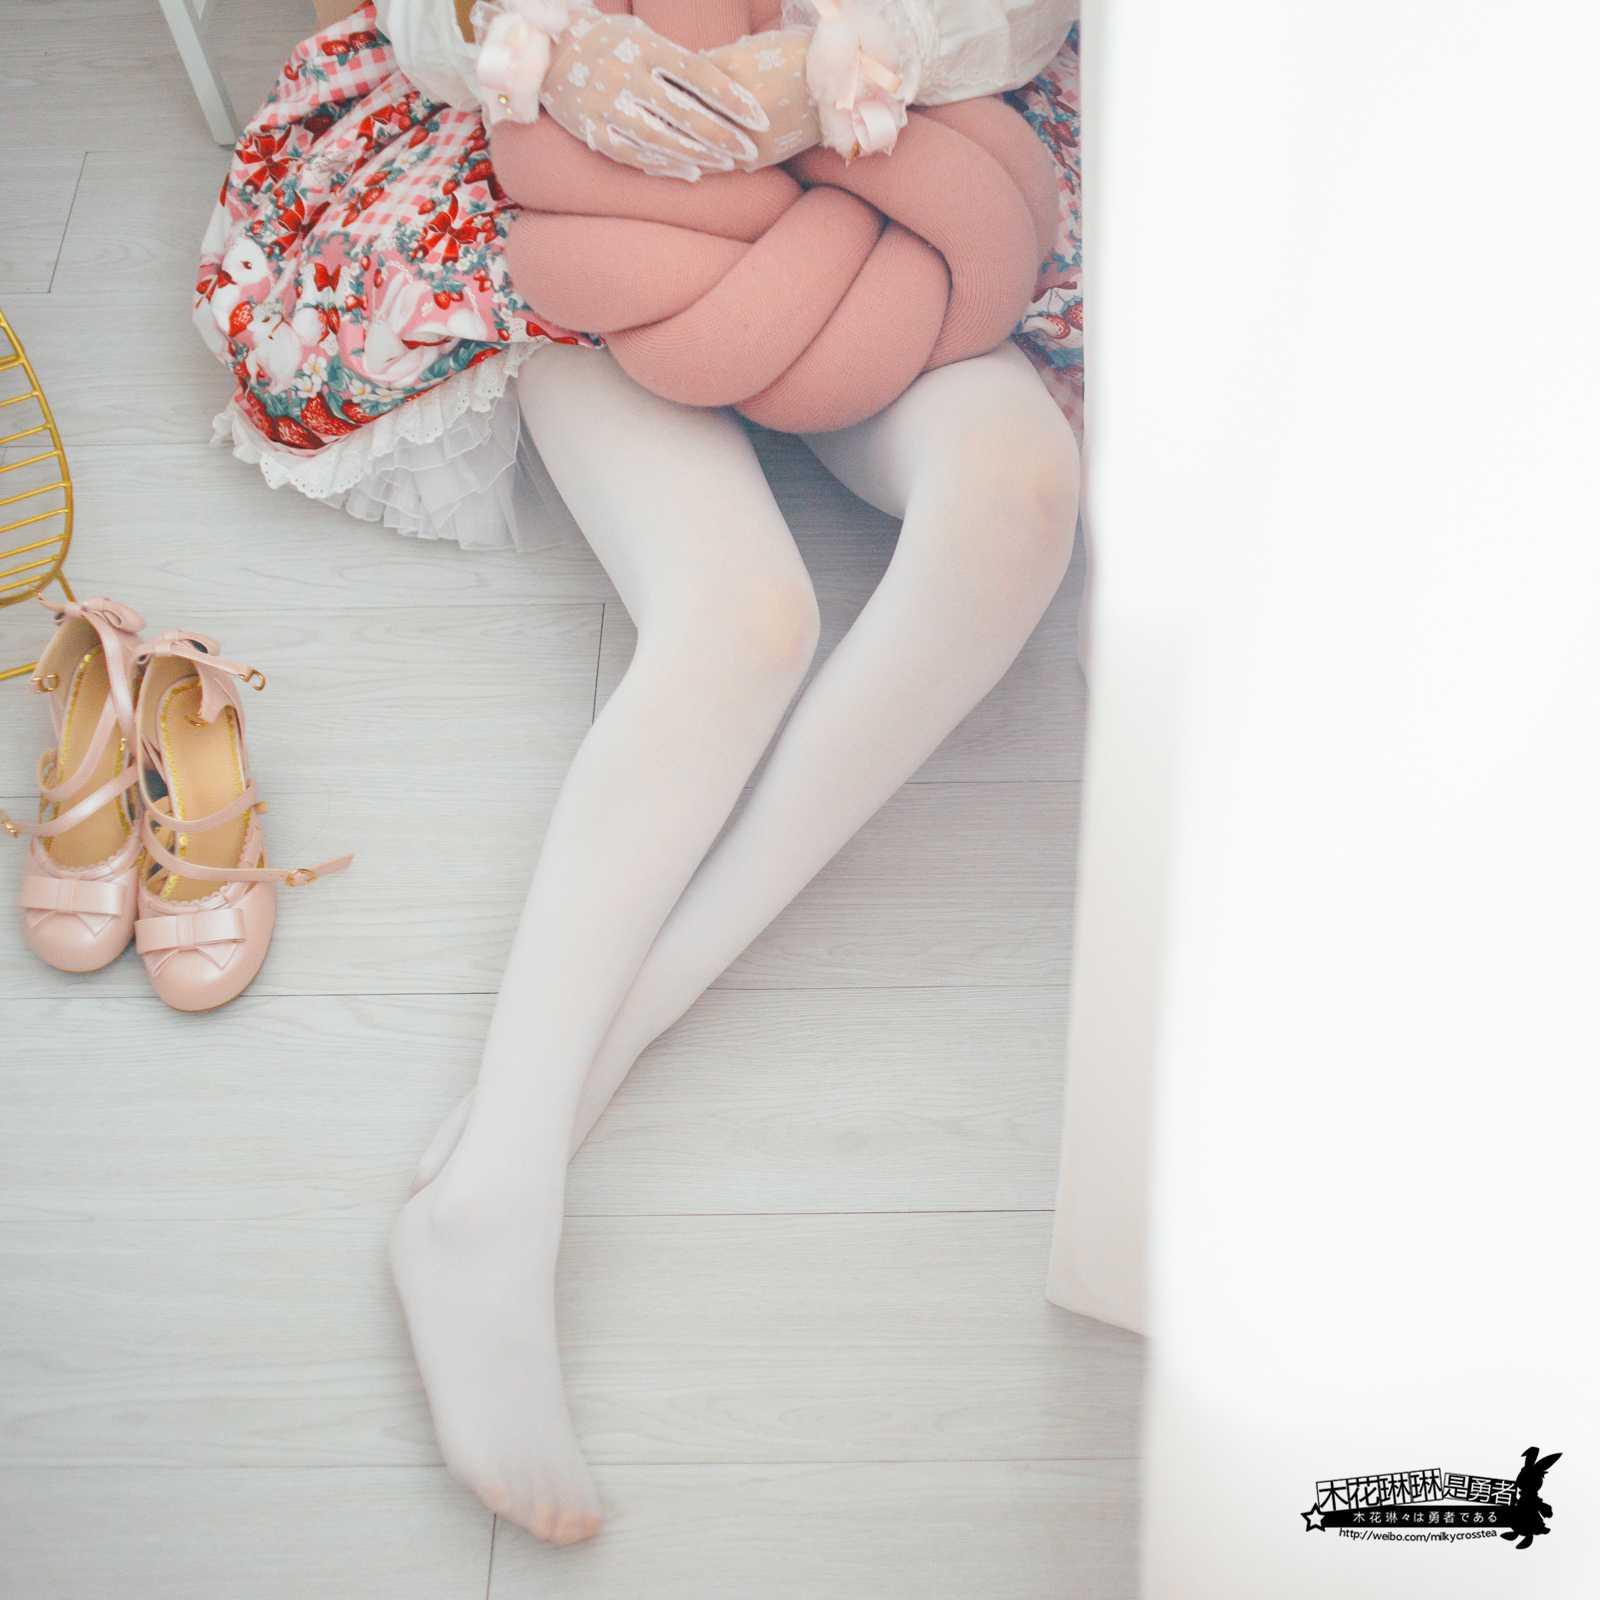 ⭐微博红人⭐木花琳琳是勇者@coser图片-勇者系列06[26P/3V/378MB]插图2